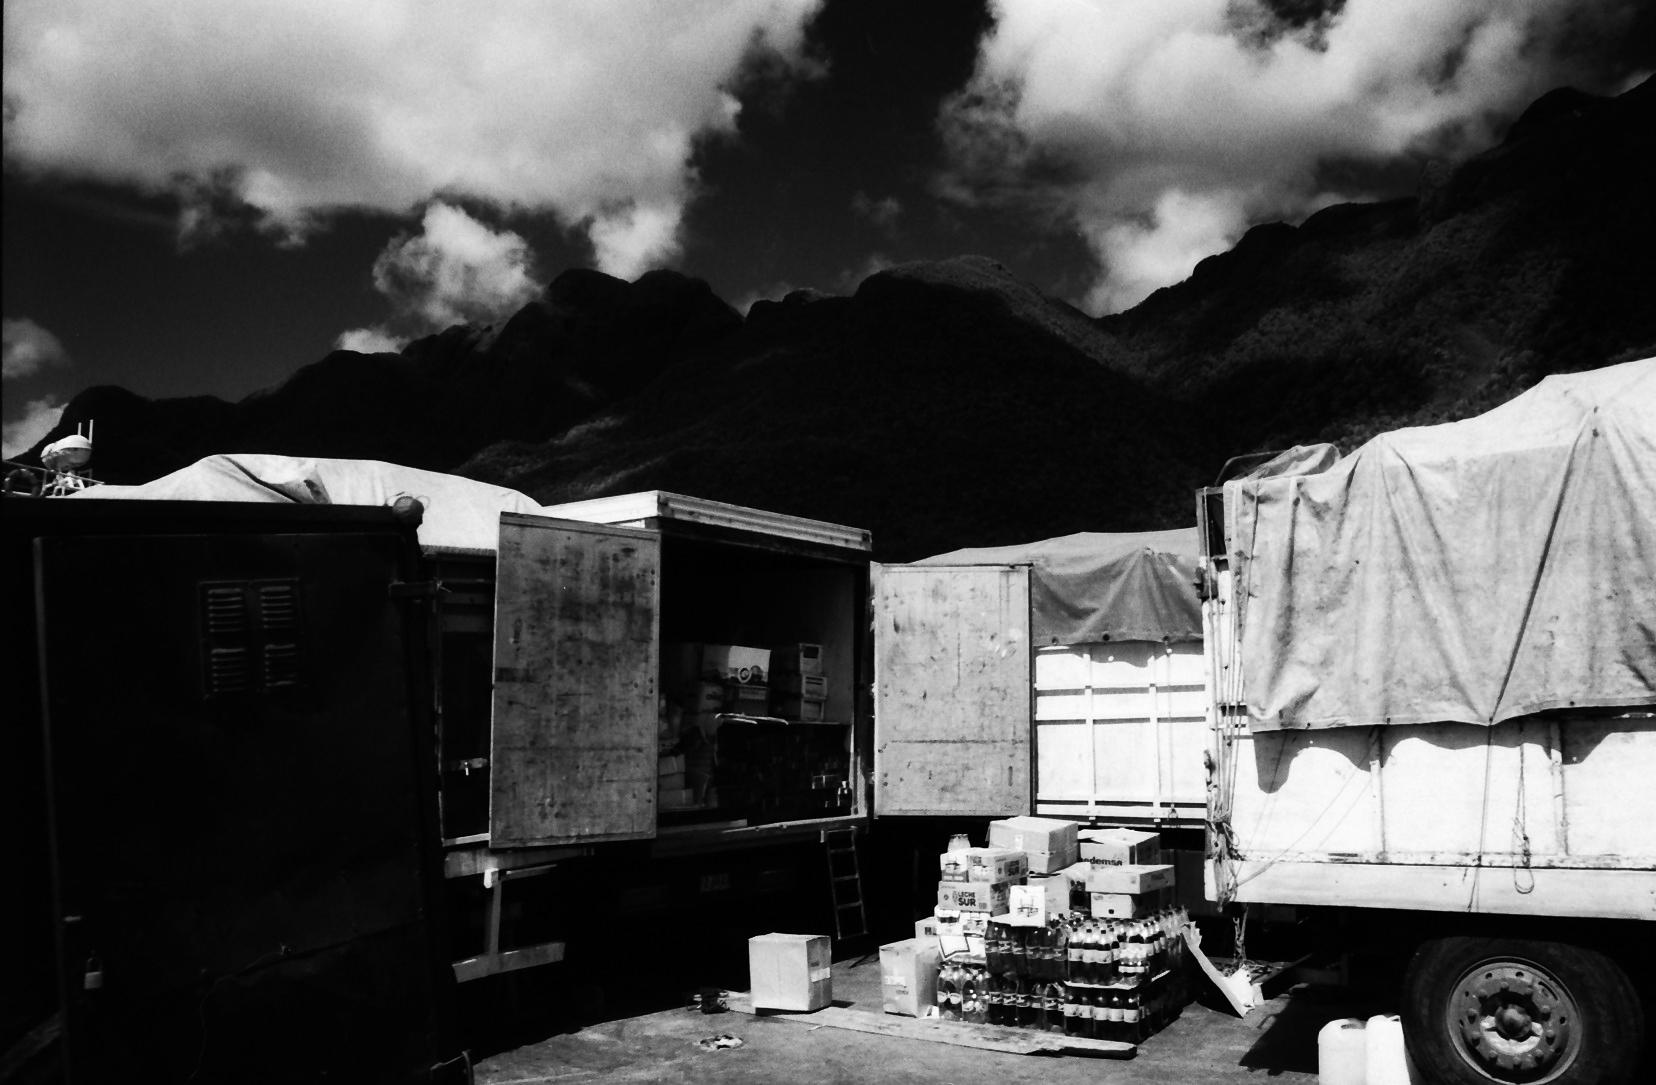 En el barco rumbo a Chiloe, Chile